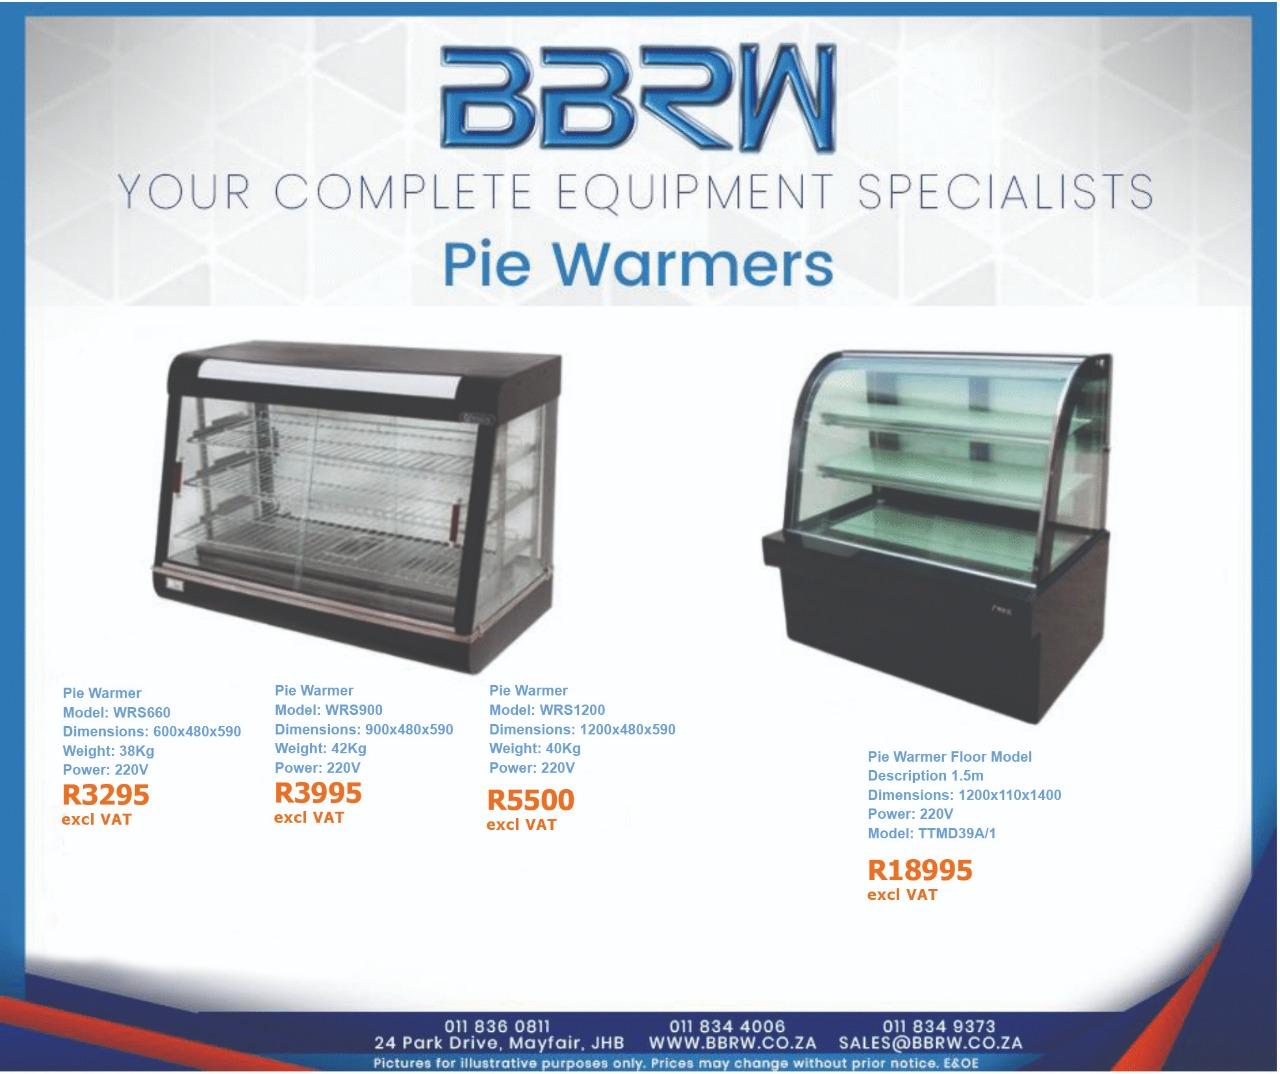 BBRW SPECIAL - Pie Warmers